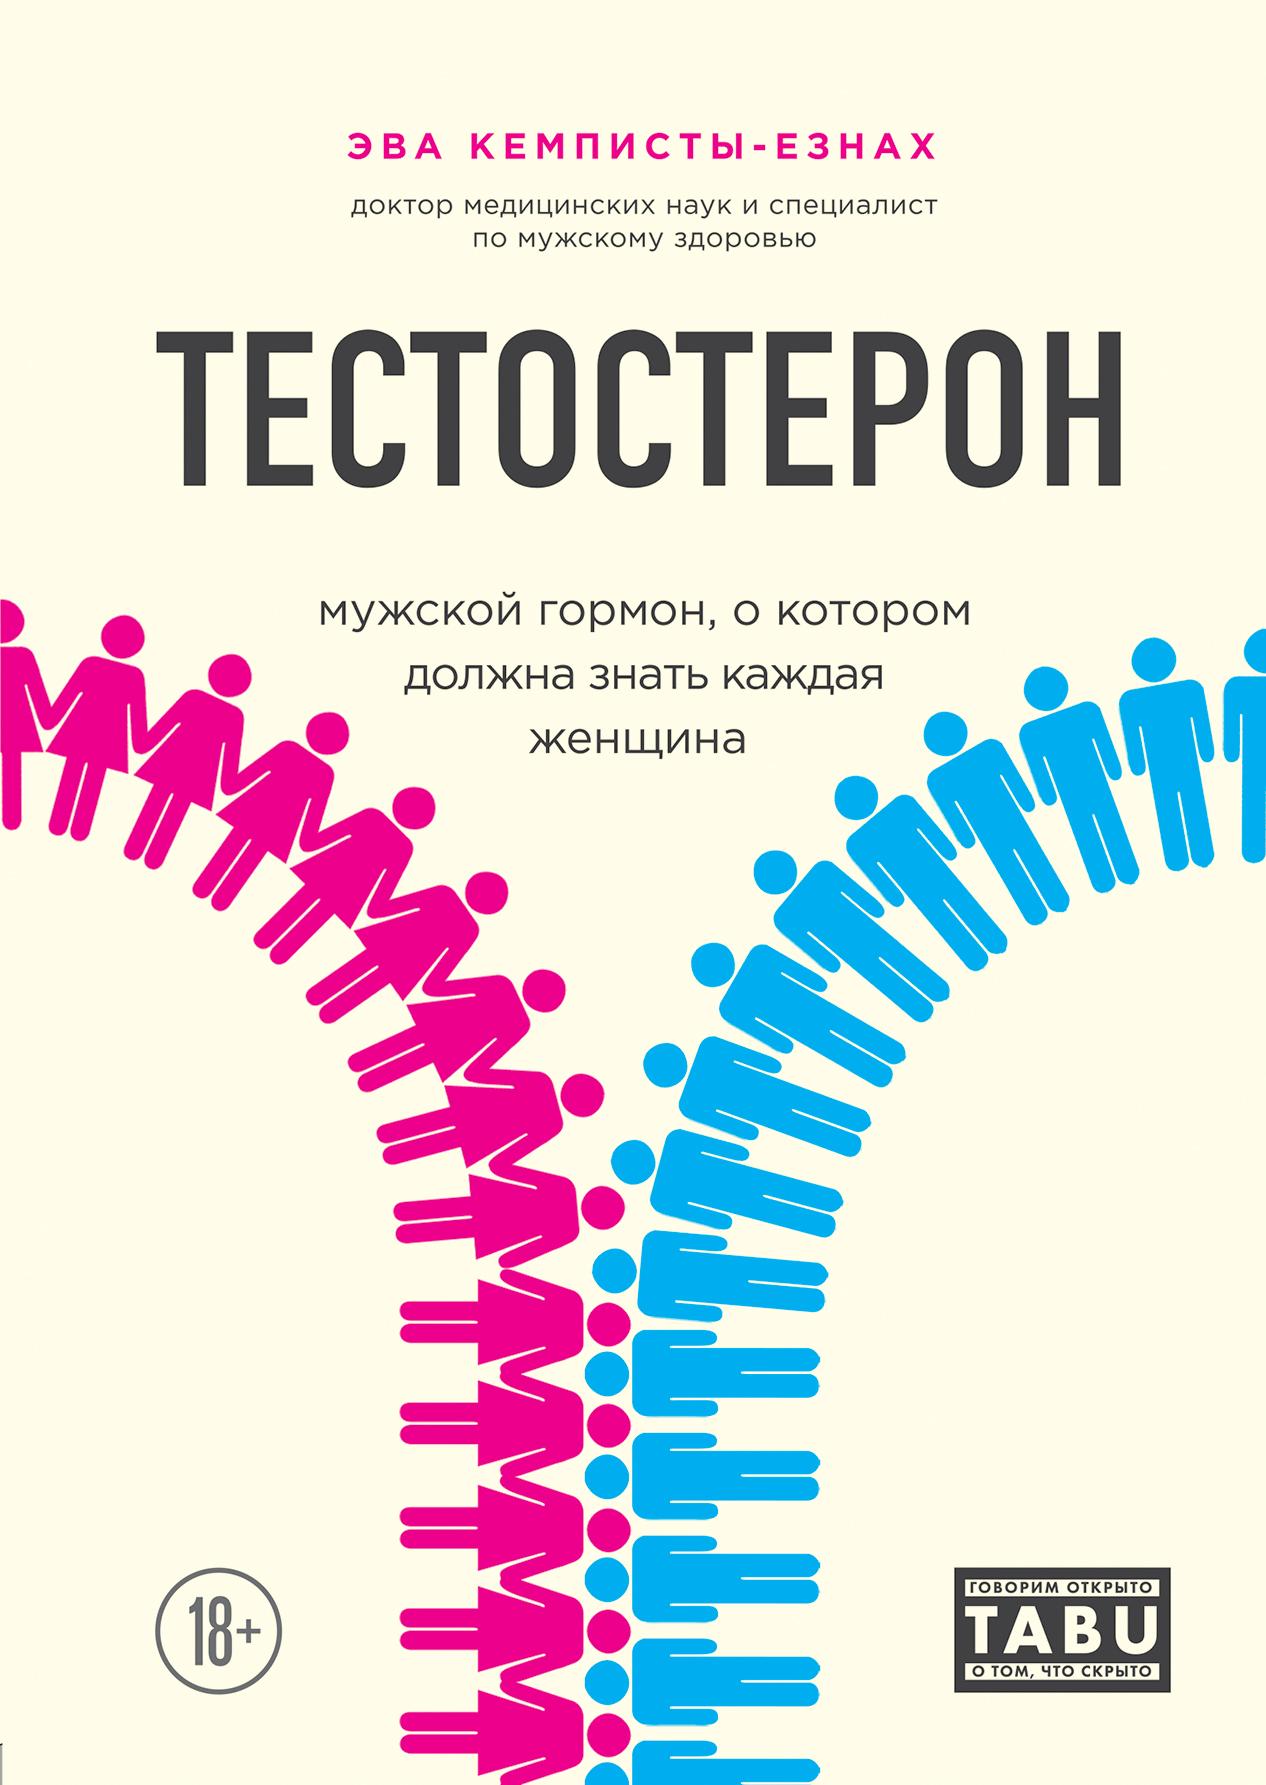 Купить книгу Тестостерон. Мужской гормон, о котором должна знать каждая женщина, автора Эвы Кемписты-Езнах